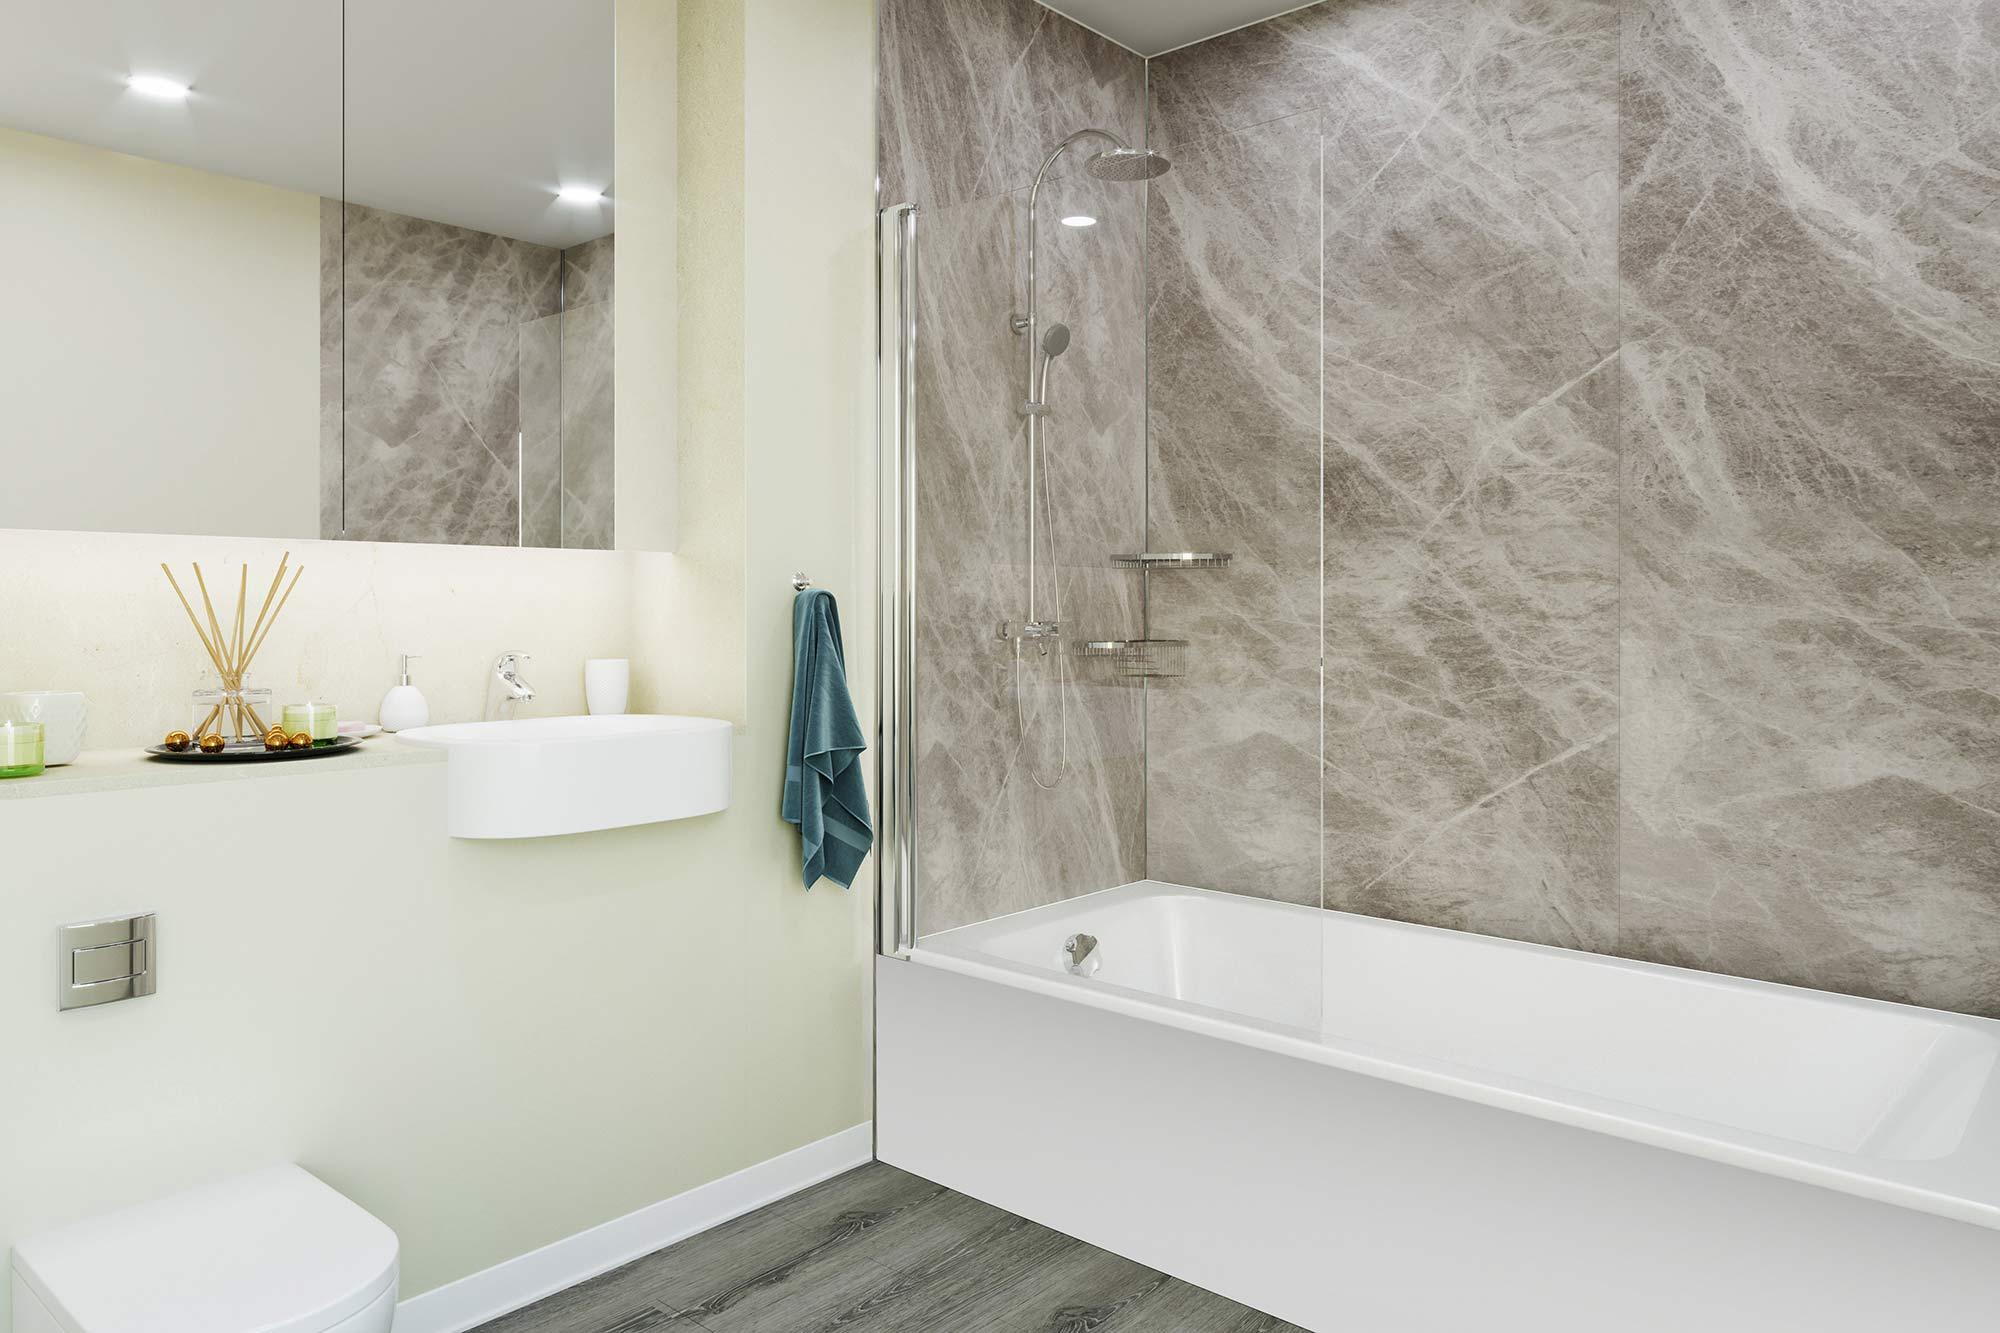 Soapstone Stellar Bathroom Cladding Direct